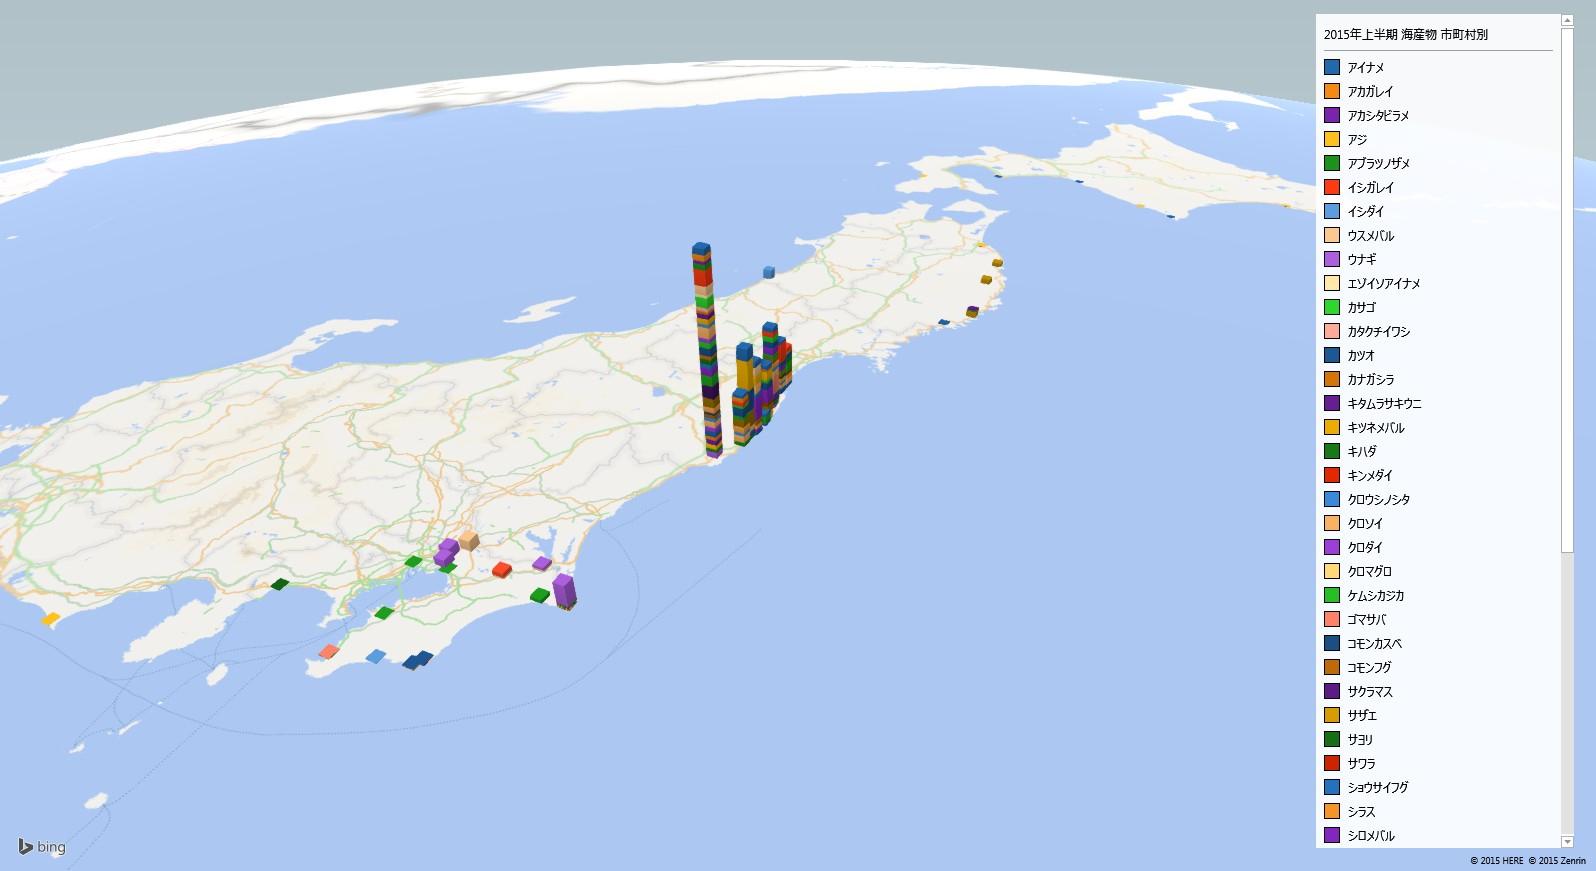 海の魚の放射能検査地図(市町村別)